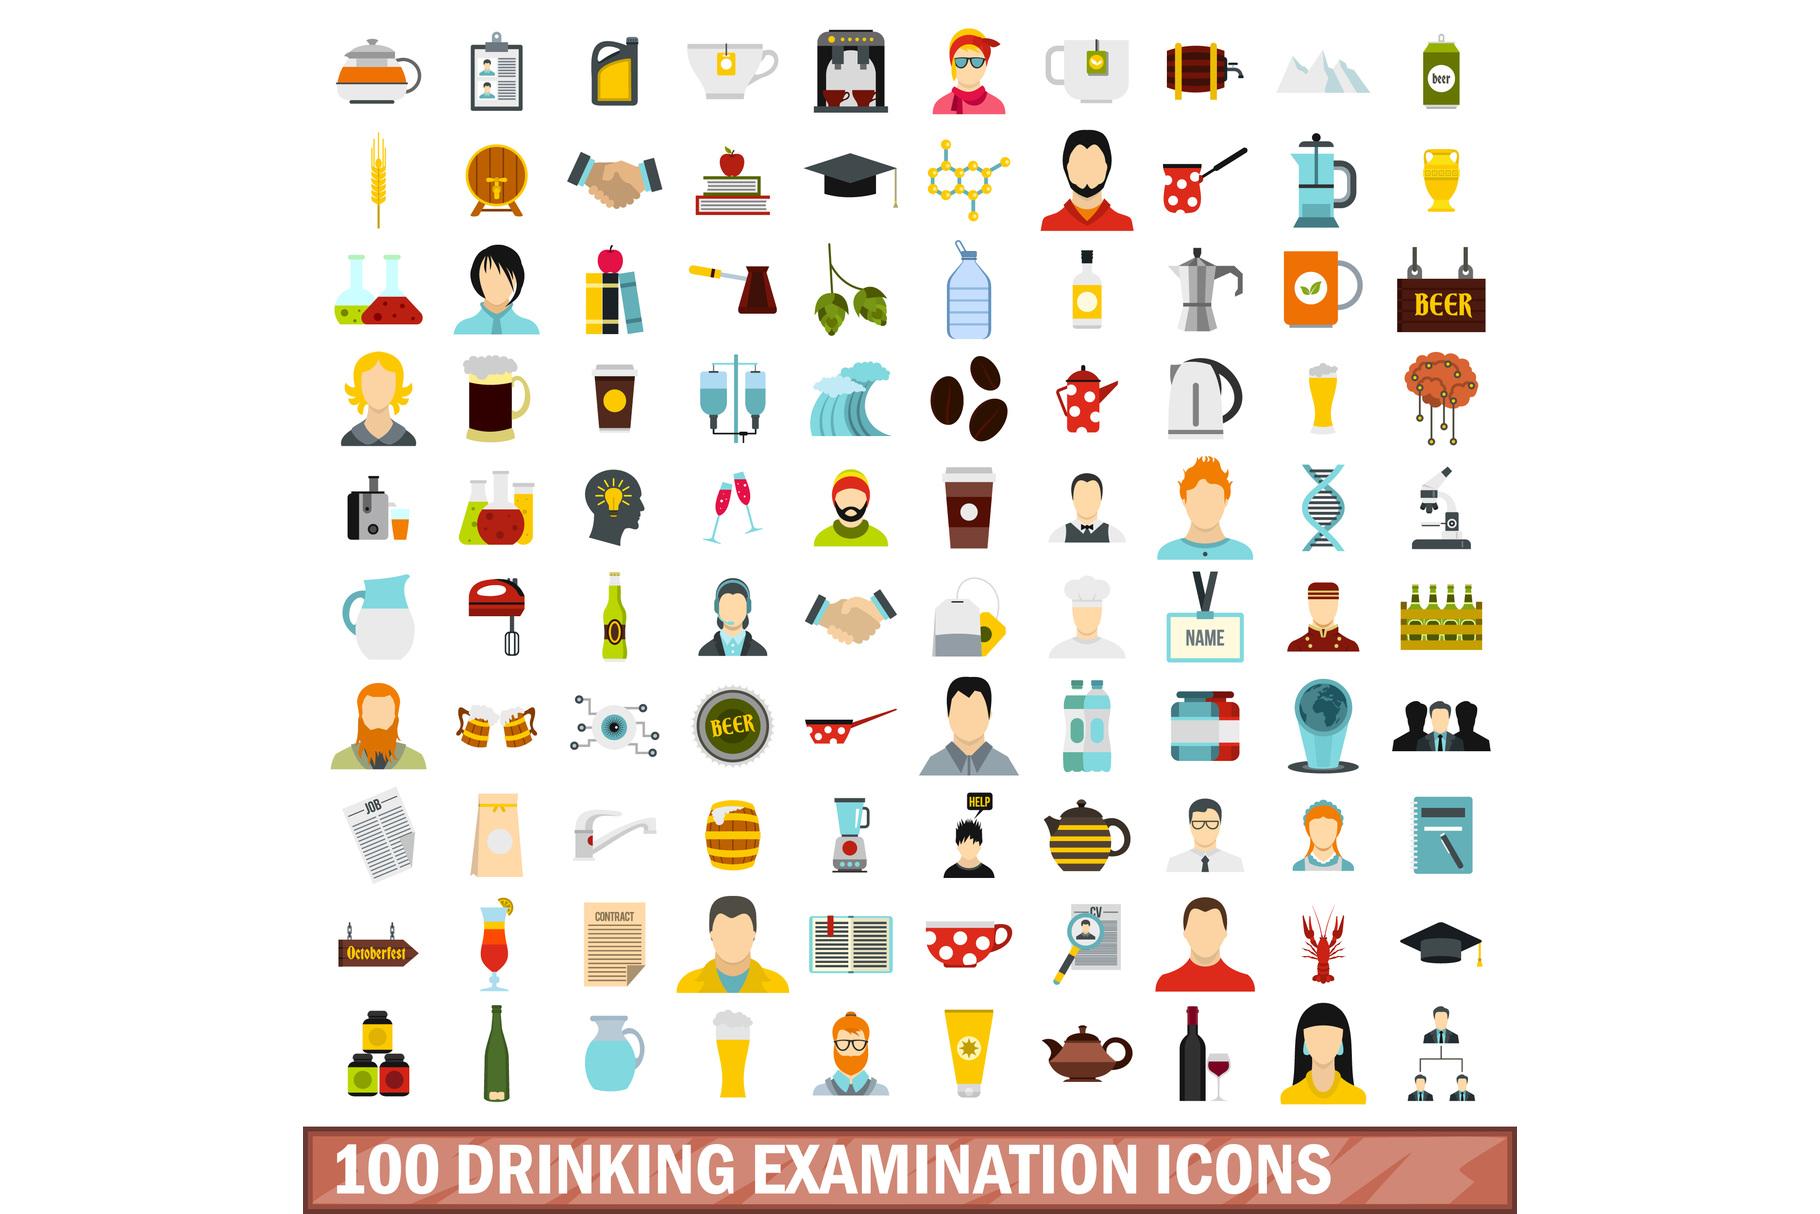 100 drinking examination icons set, flat style example image 1